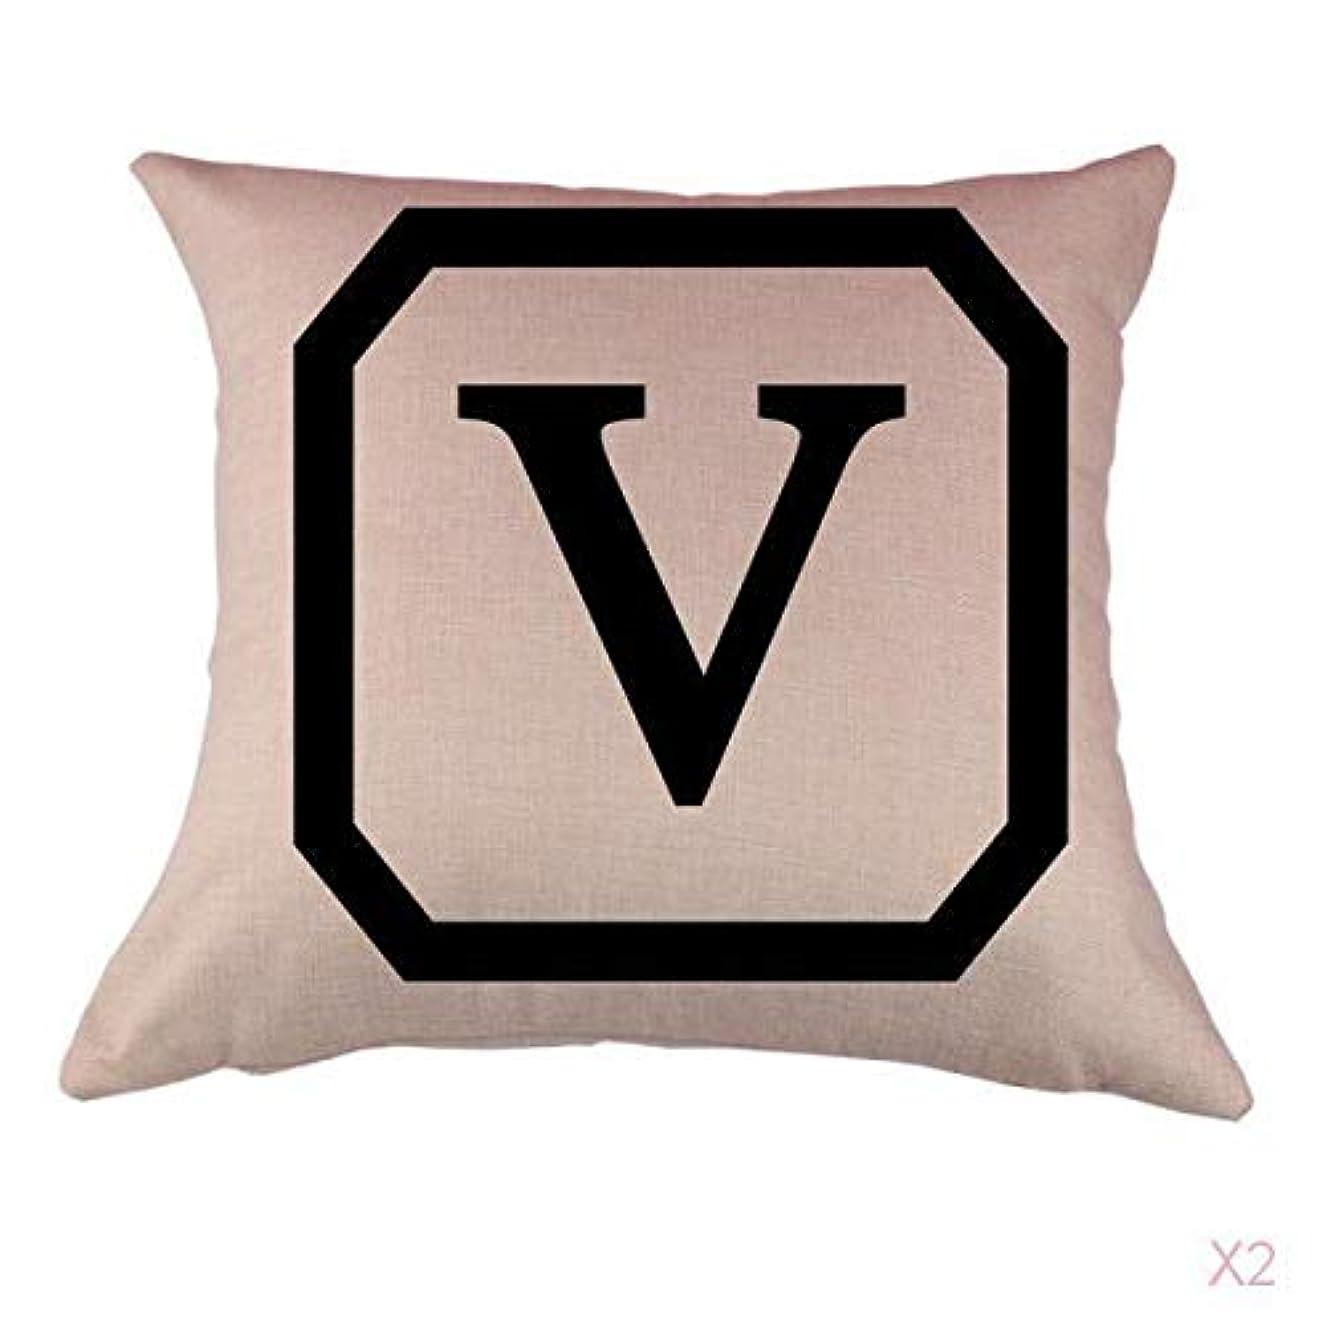 表示ボタン宇宙のコットンリネンスロー枕カバークッションカバー家の装飾、初期文字v